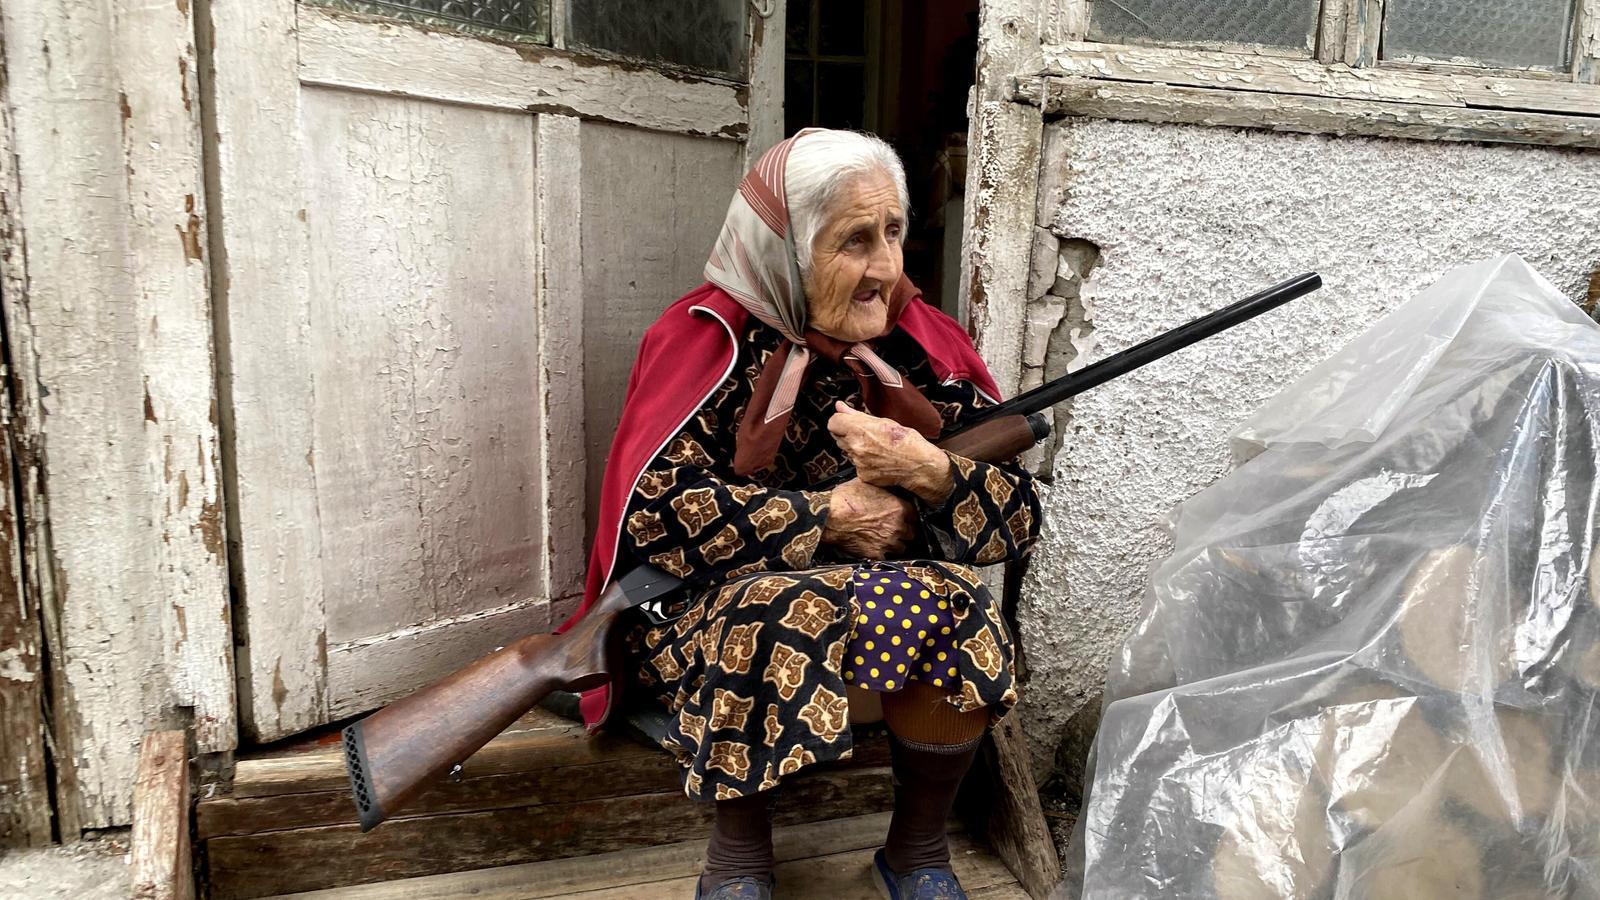 Per què s'ha intensificat el conflicte entre Armènia i l'Azerbaidjan a Nagorno-Karabakh?